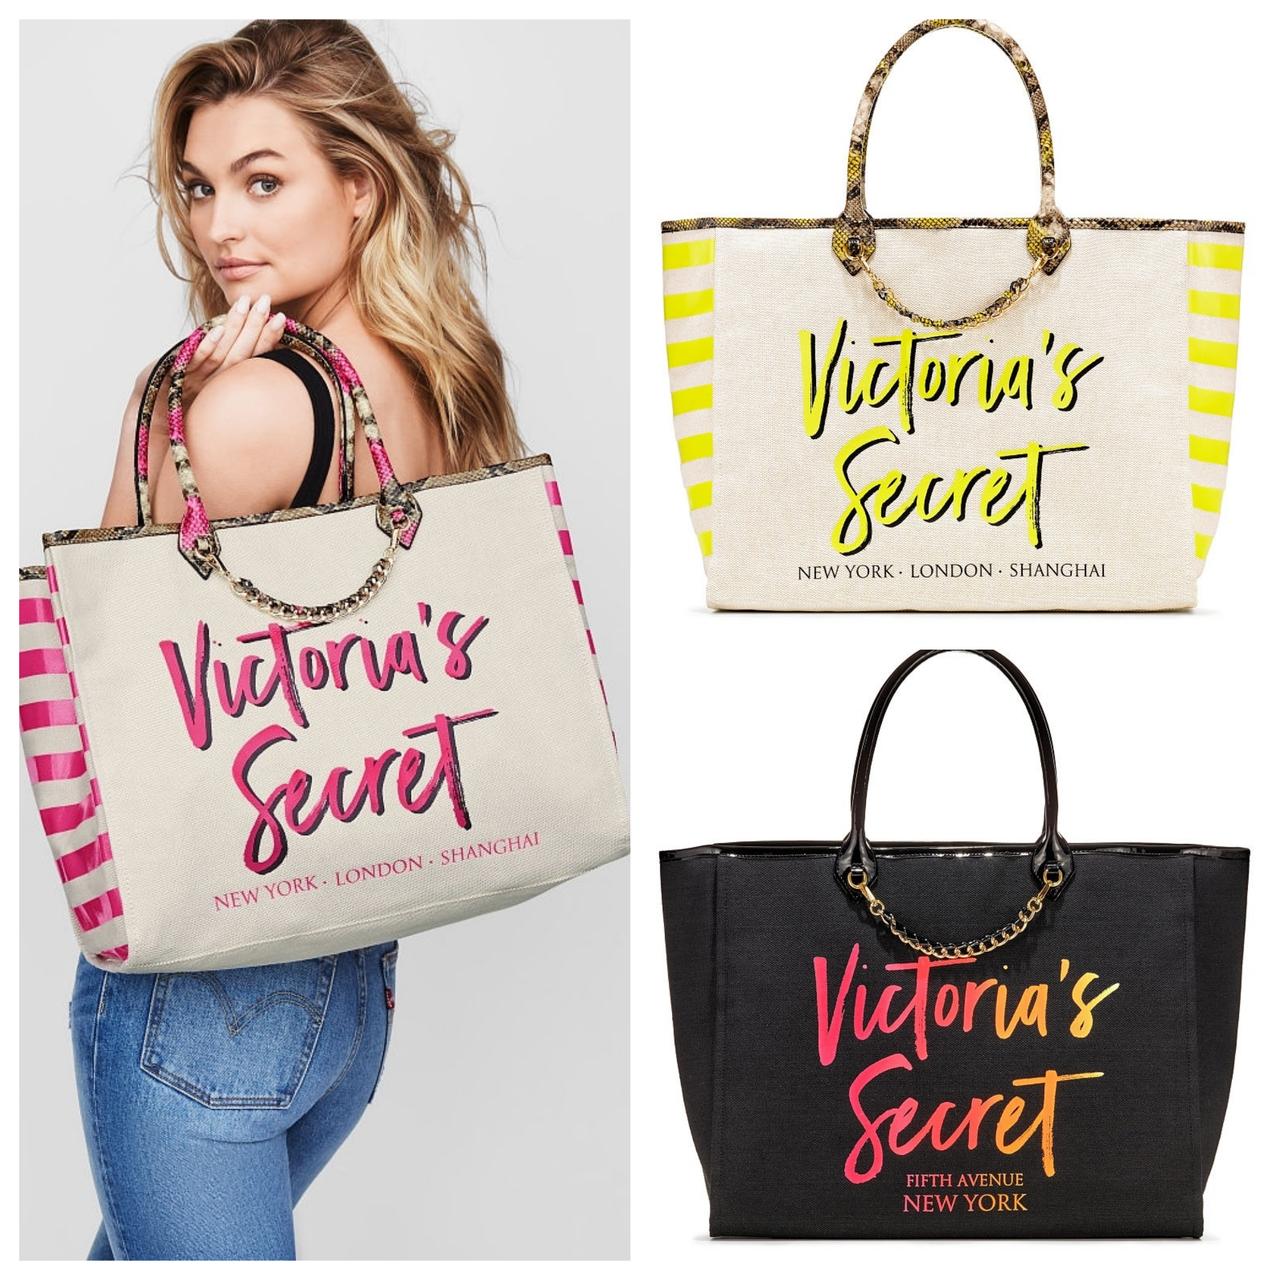 d639084764e2 Оригинал Шоппер пляжная сумка большая Victoria Secret сумки Виктория Сикрет